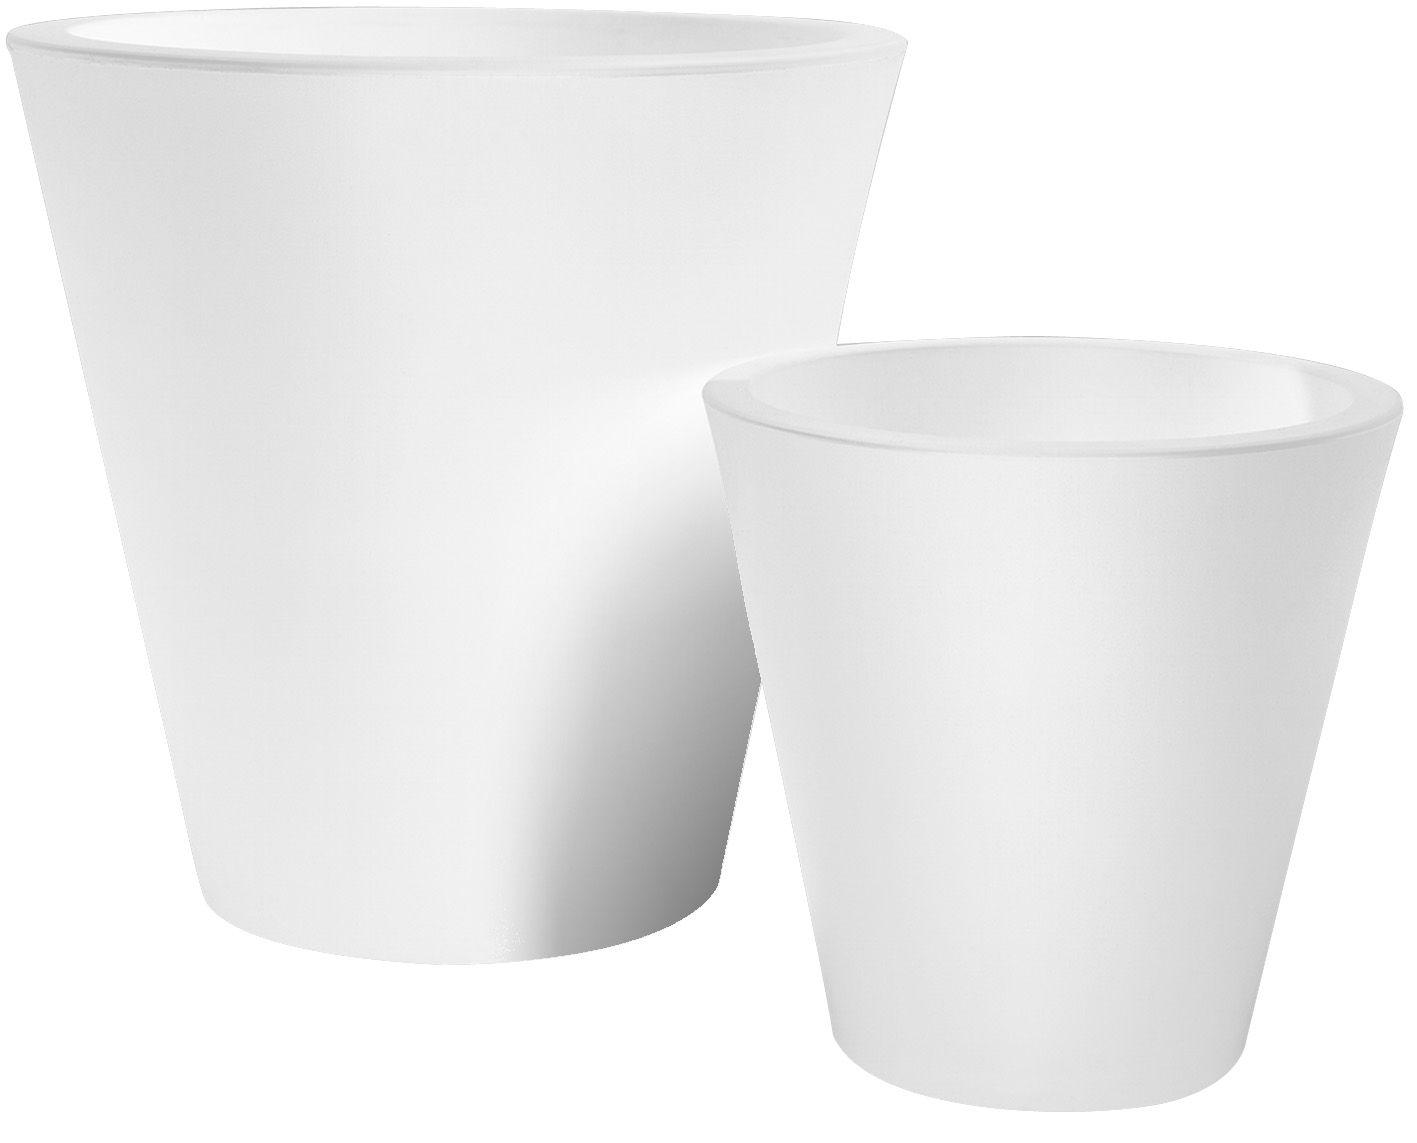 Outdoor - Pots et plantes - Pot de fleurs New Pot H 50 cm - Serralunga - Blanc - Polyéthylène